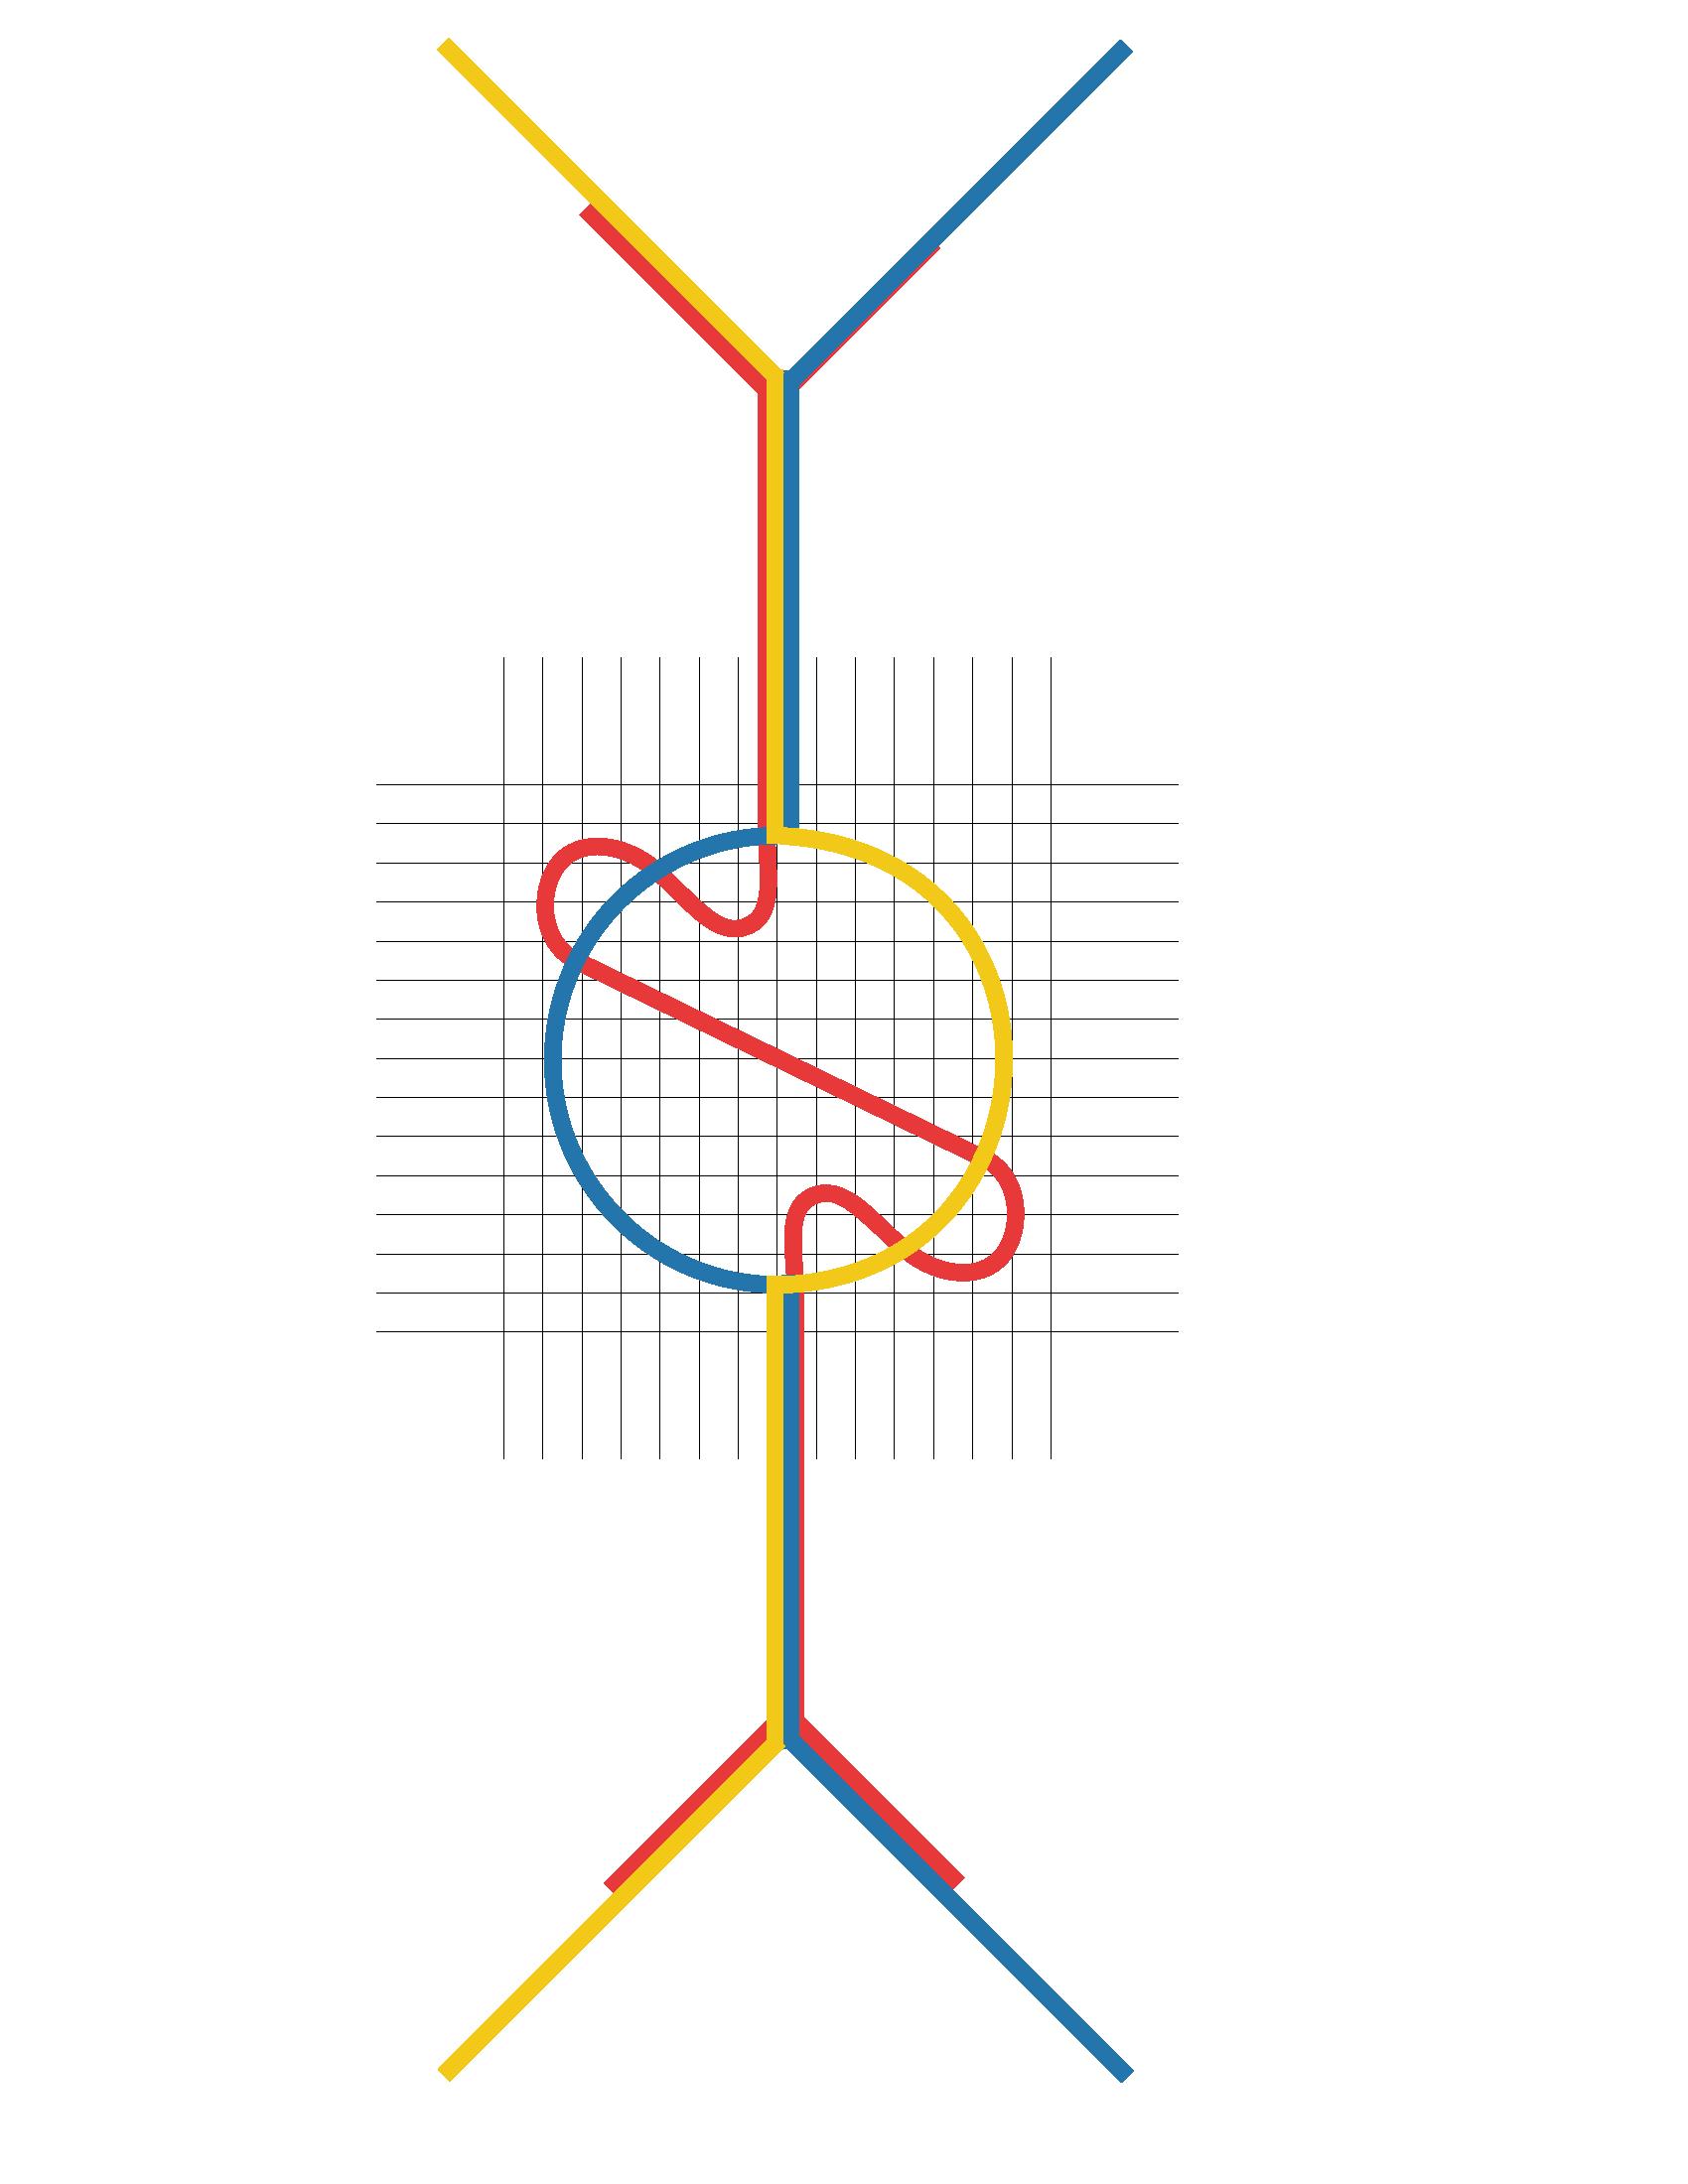 Kleurcode object 3